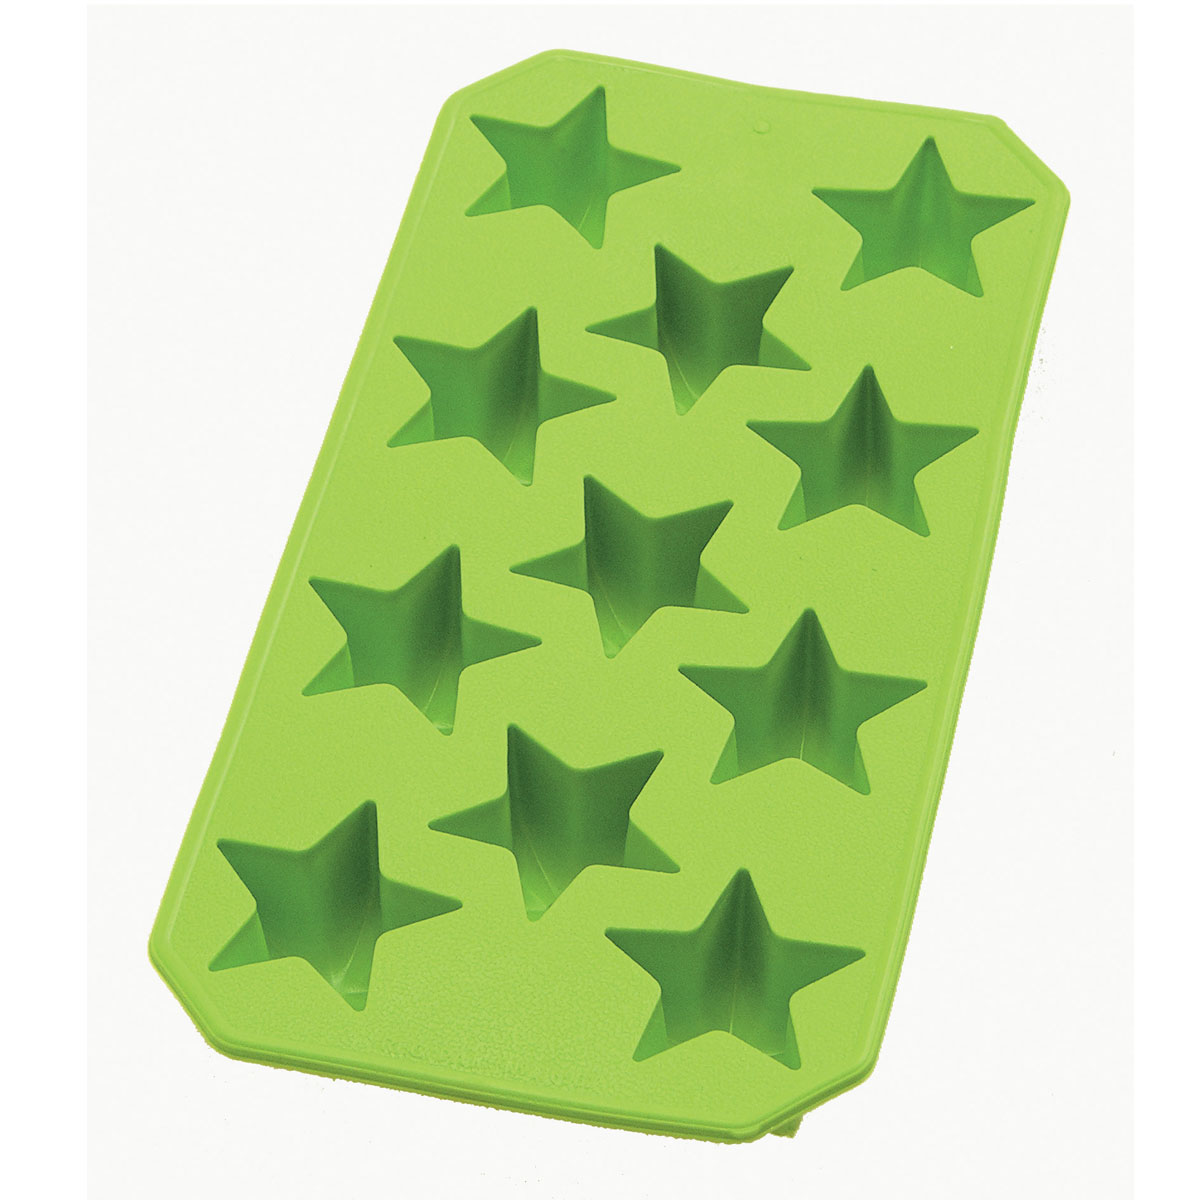 Форма для льда Lekue Звезды, цвет: зеленый, 11 ячеекVT-1520(SR)Форма для льда Lekue Звезды выполнена из силикона зеленого цвета. На одном листе расположено 11 формочек в виде звезд. Благодаря тому, что формочки изготовлены из силикона, готовый лед вынимать легко и просто. Чтобы достать льдинки, эту форму не нужно держать под теплой водой или использовать нож.Теперь на смену традиционным квадратным пришли новые оригинальные формы для приготовления фигурного льда, которыми можно не только охладить, но и украсить любой напиток. В формочки при заморозке воды можно помещать ягодки, такие льдинки не только оживят коктейль, но и добавят радостного настроения гостям на празднике!